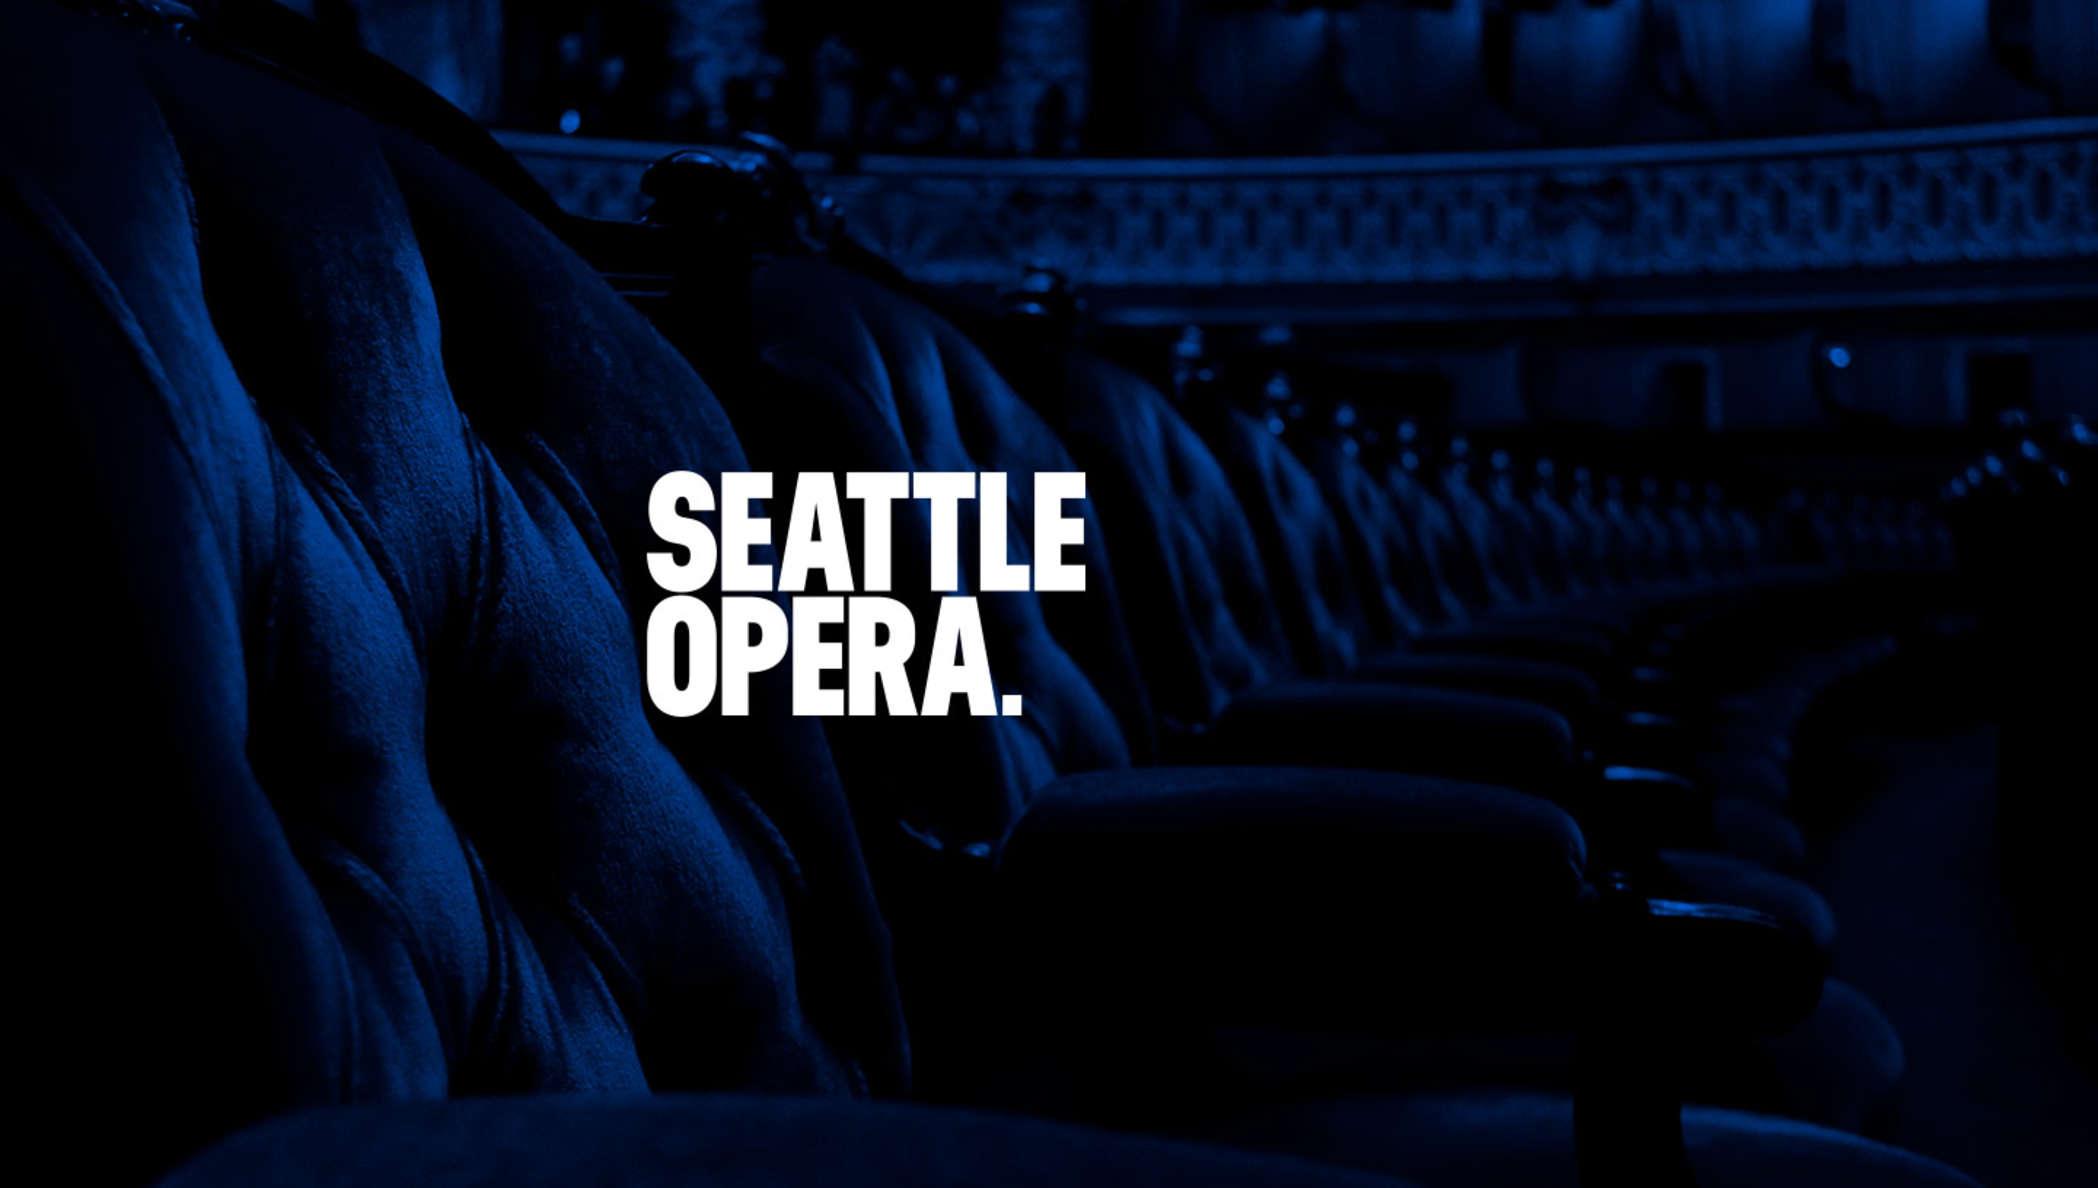 Seattle Opera logo